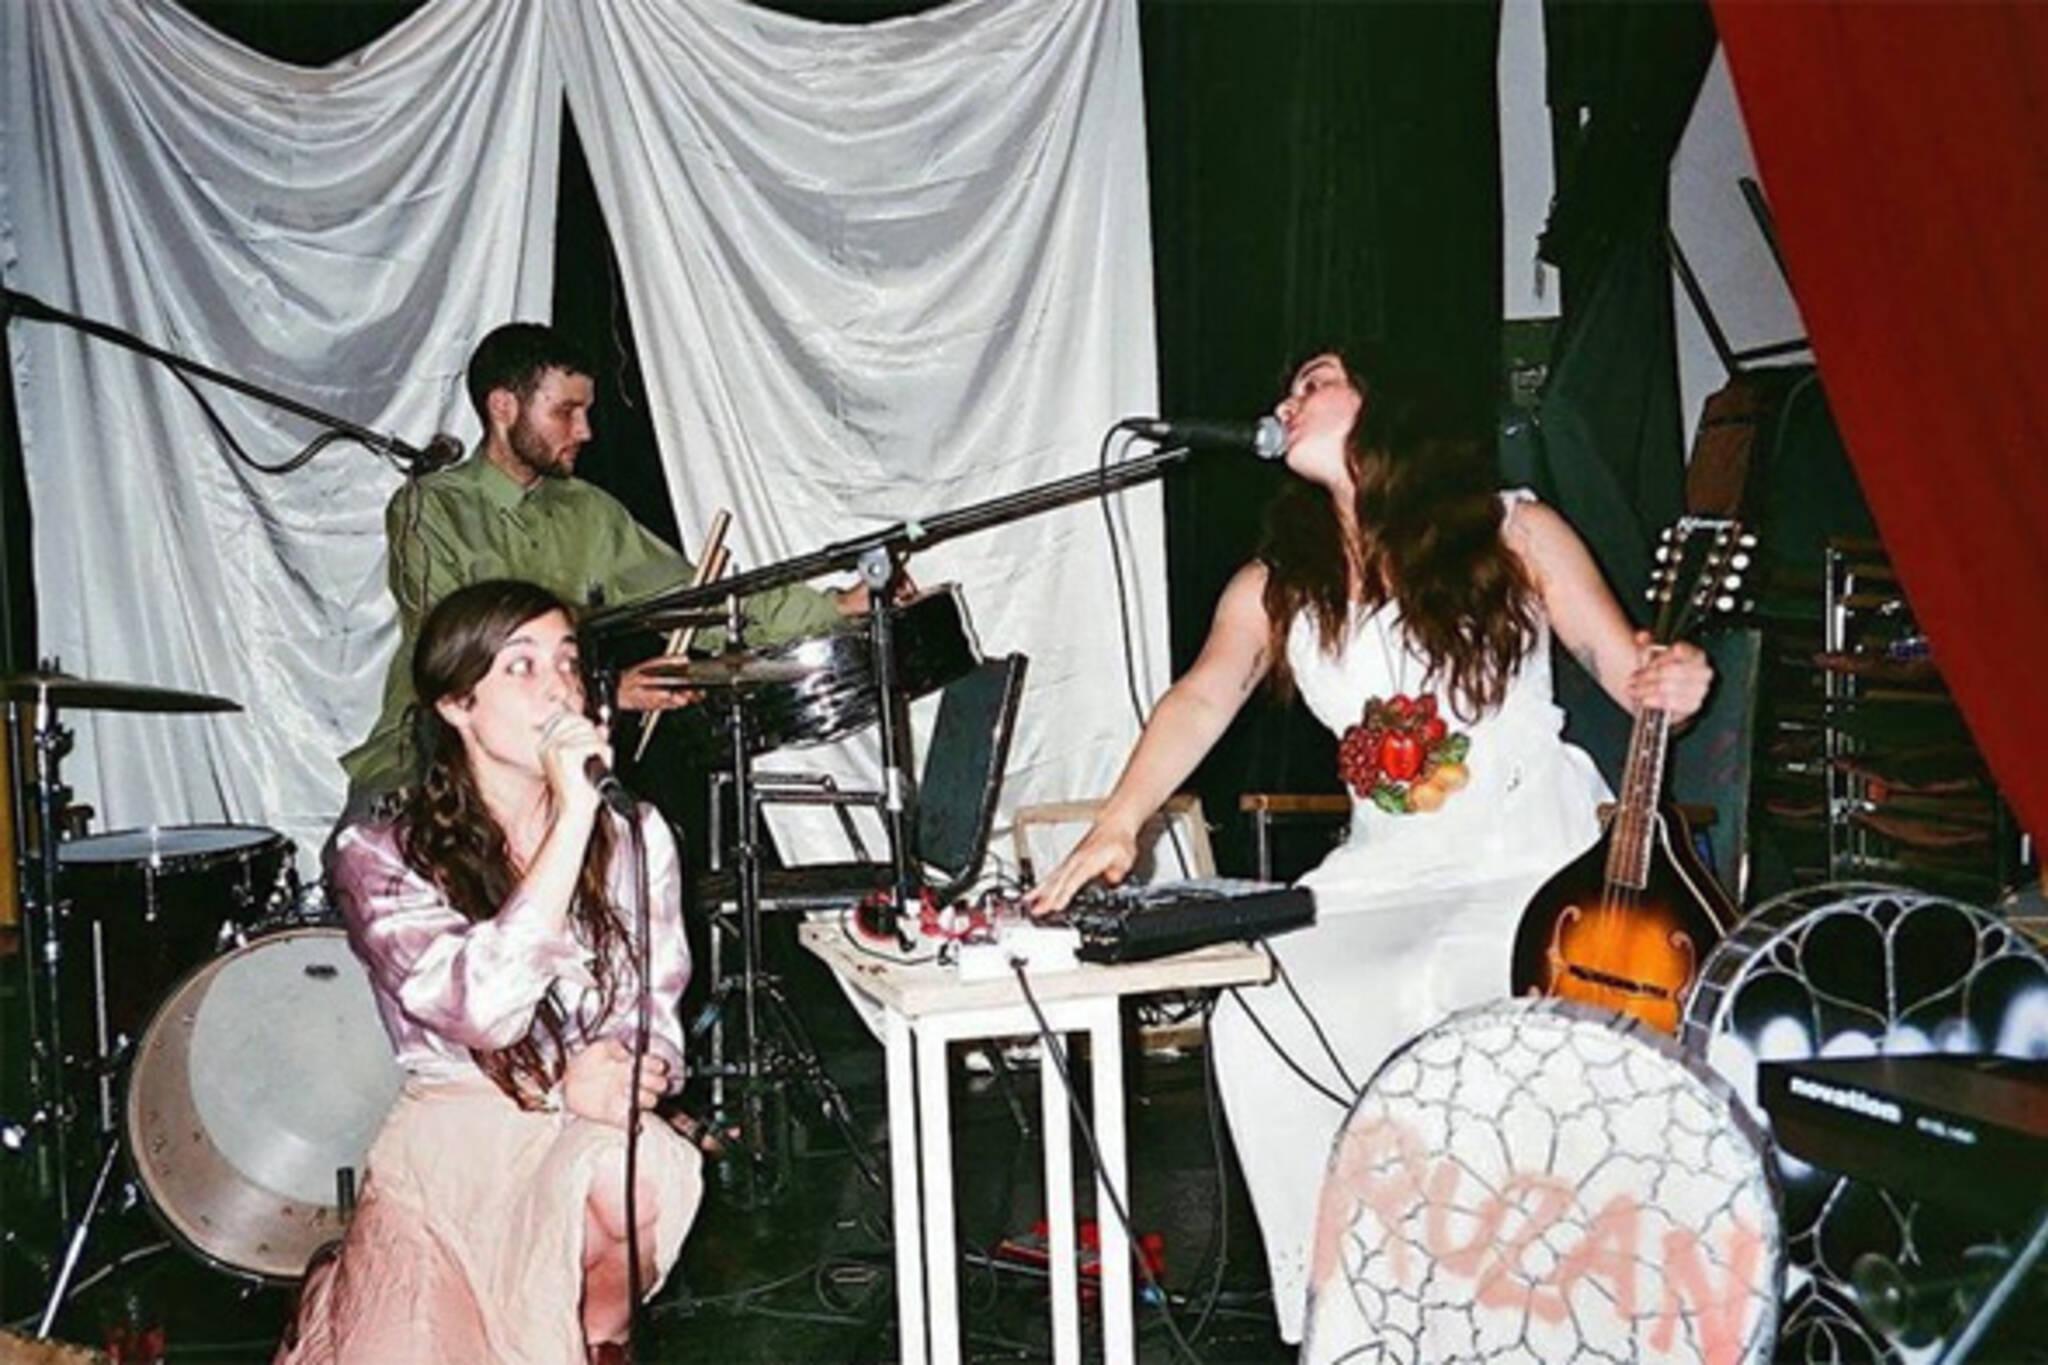 sibling bands Toronto